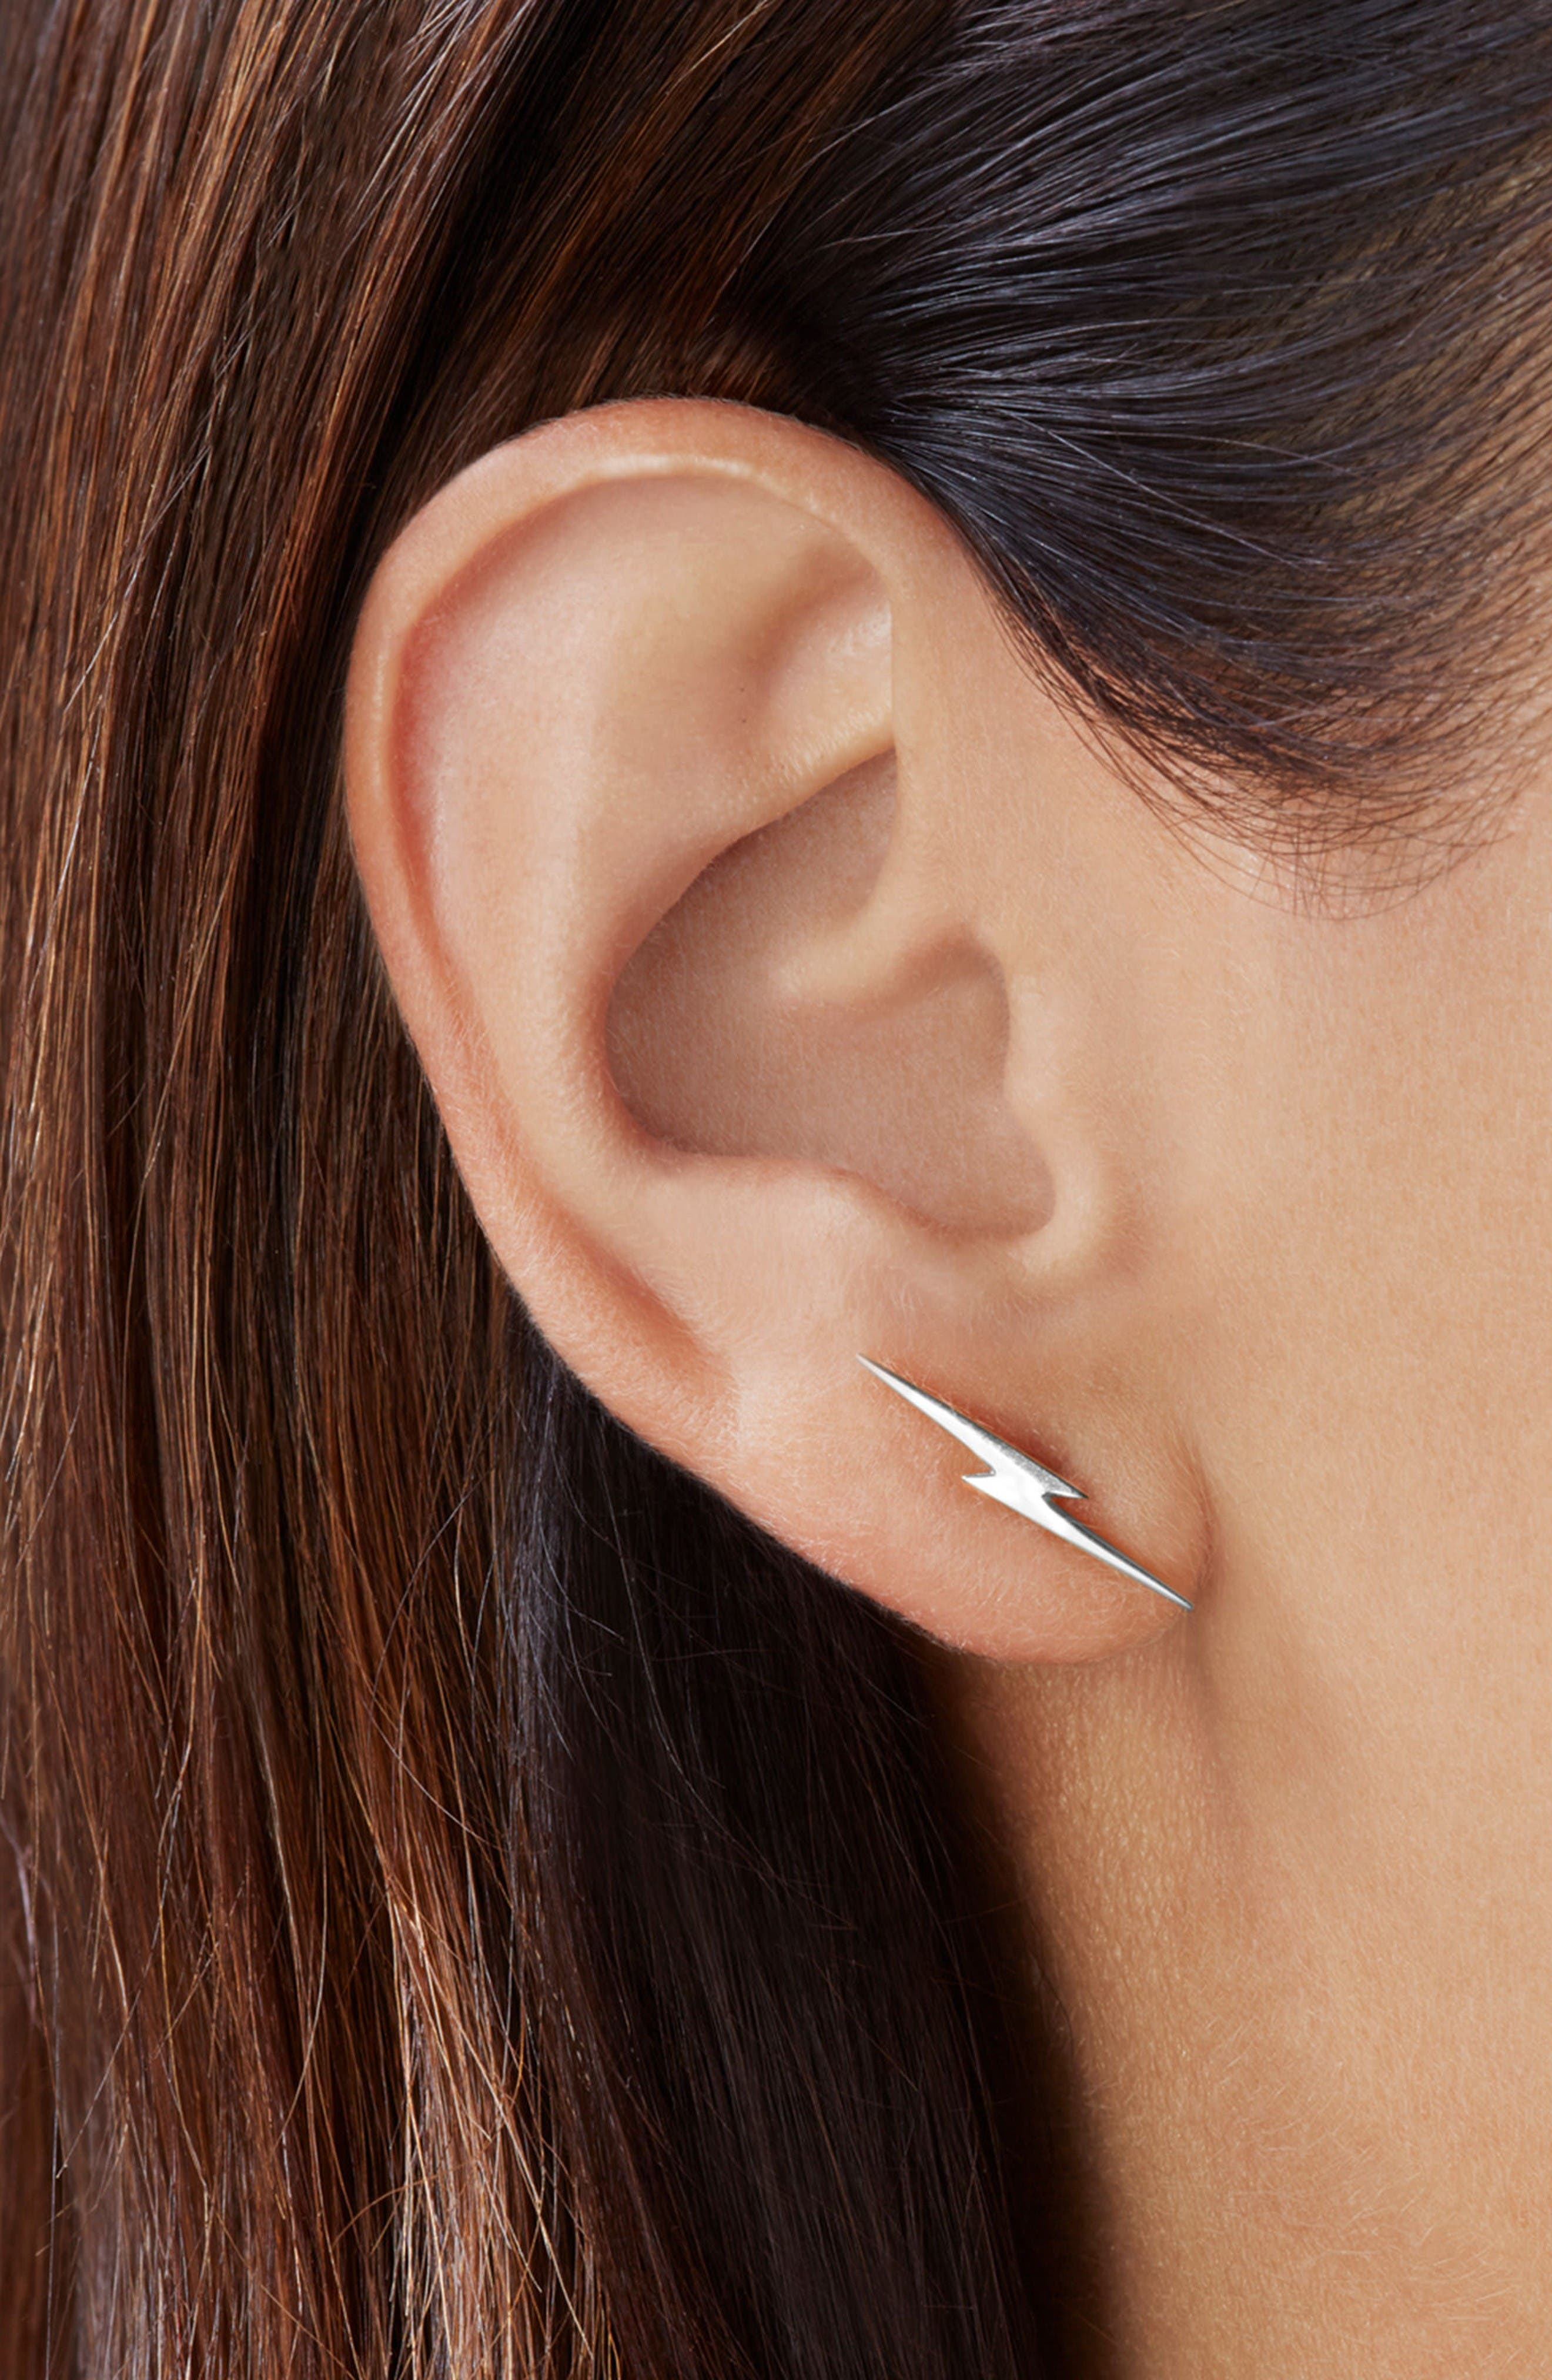 Sterling Silver Bolt Earrings,                             Alternate thumbnail 2, color,                             Sterling Silver